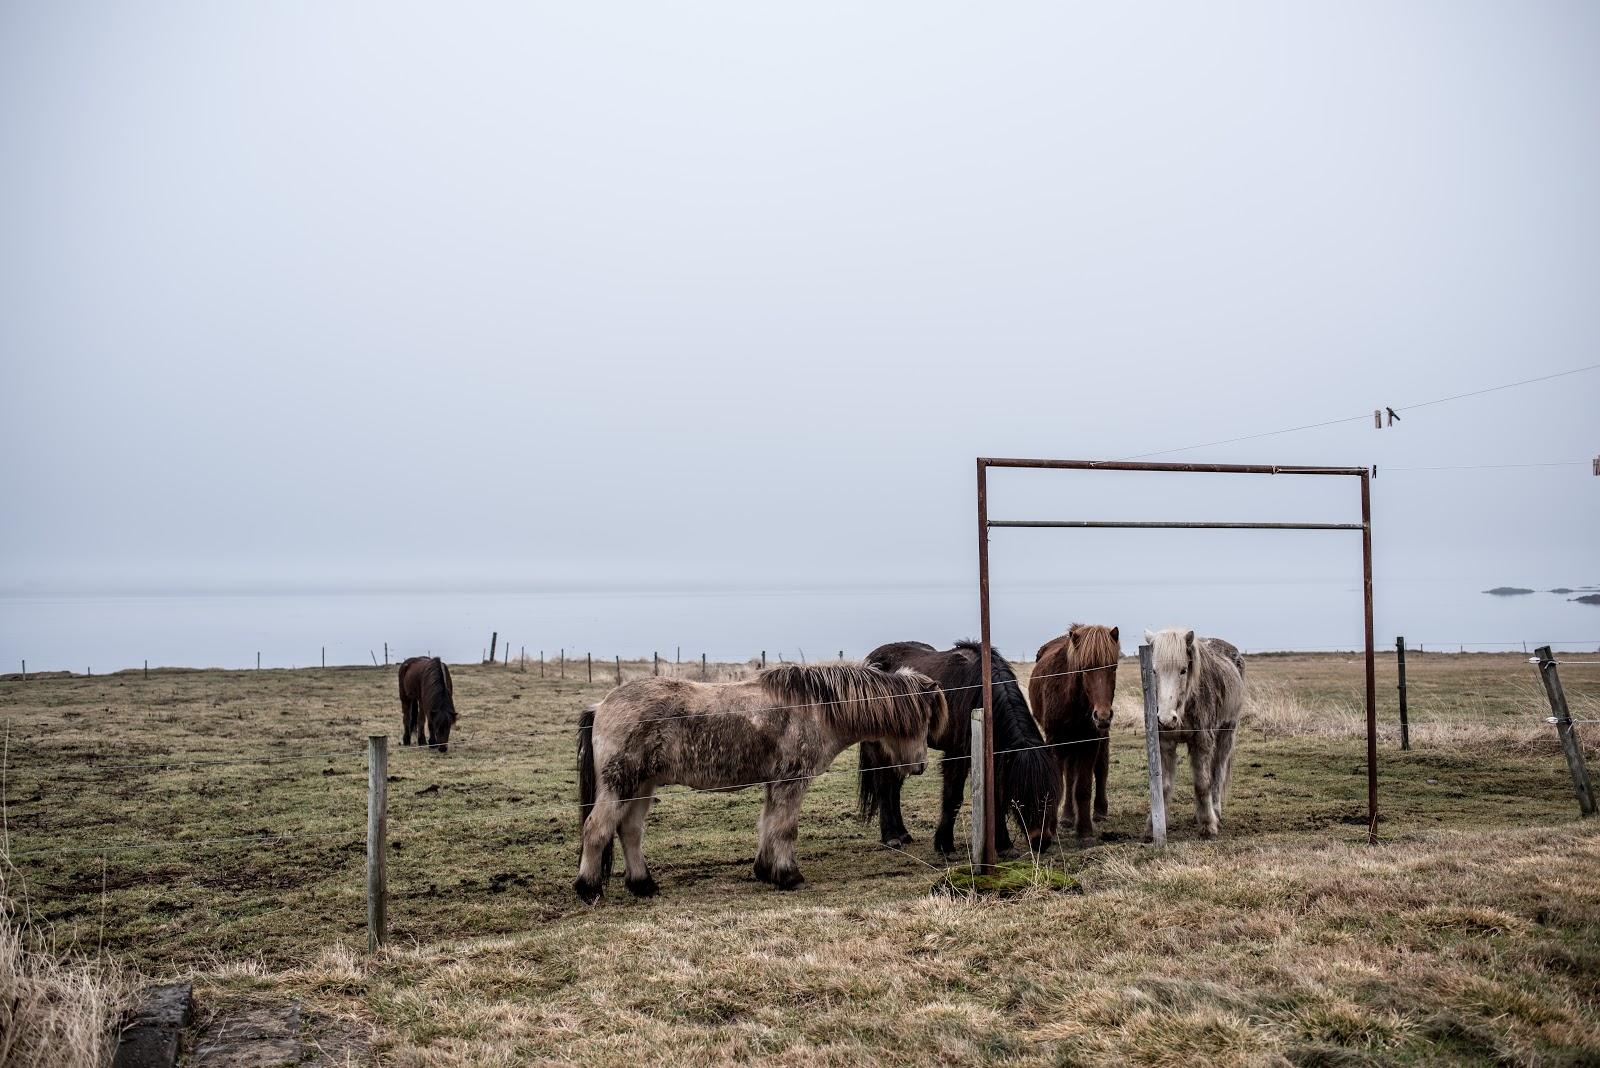 von vogue iceland travel akureyri iceland horse